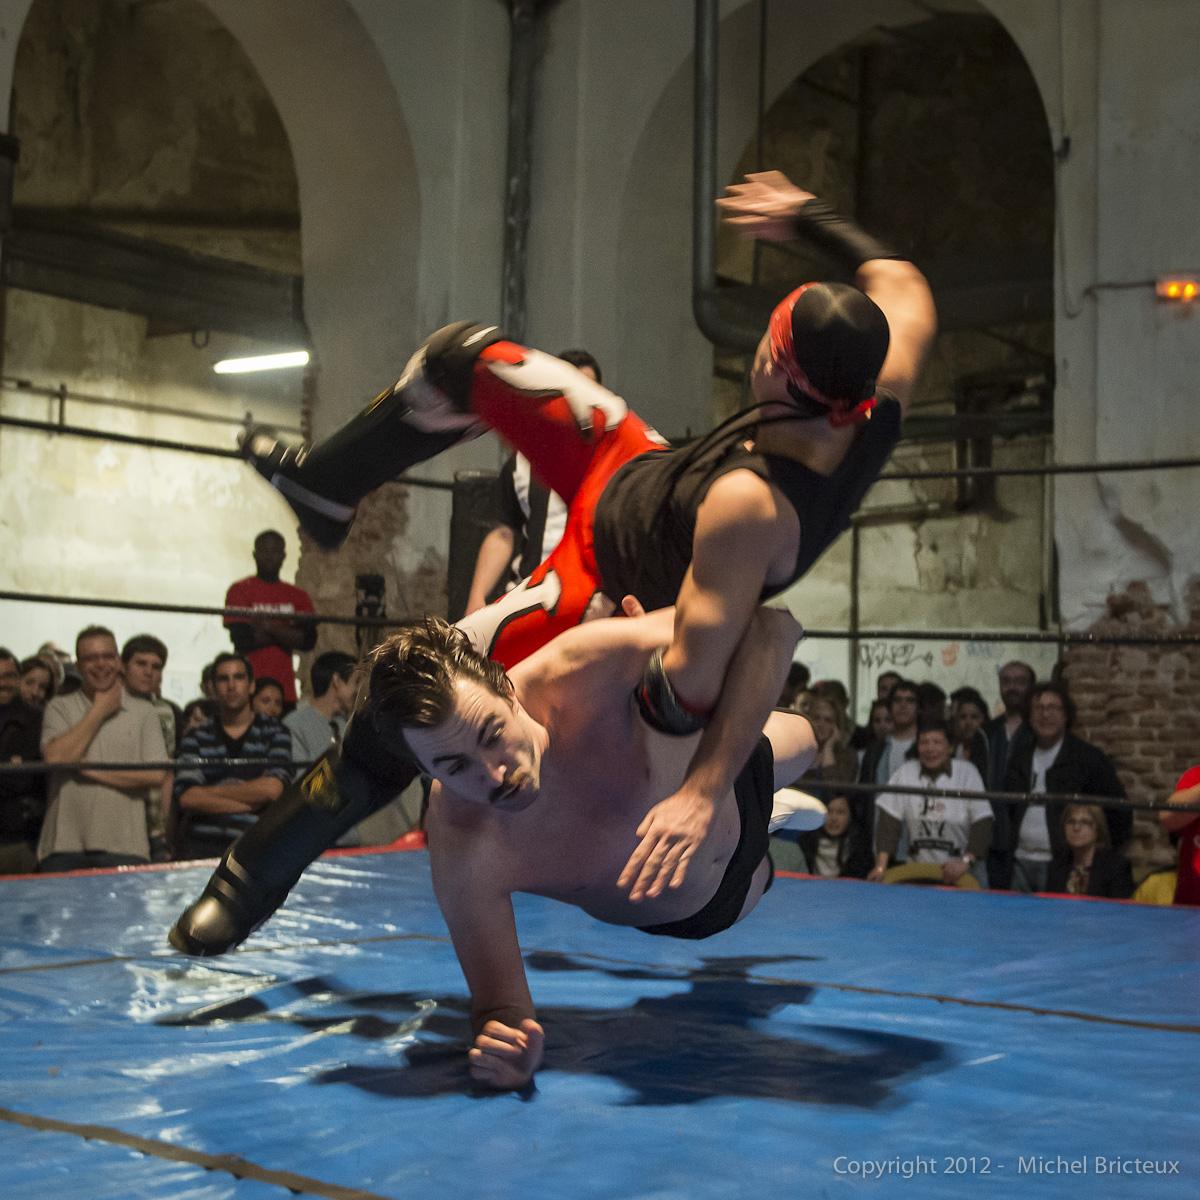 Wrestling, La Tabacalera (Madrid)